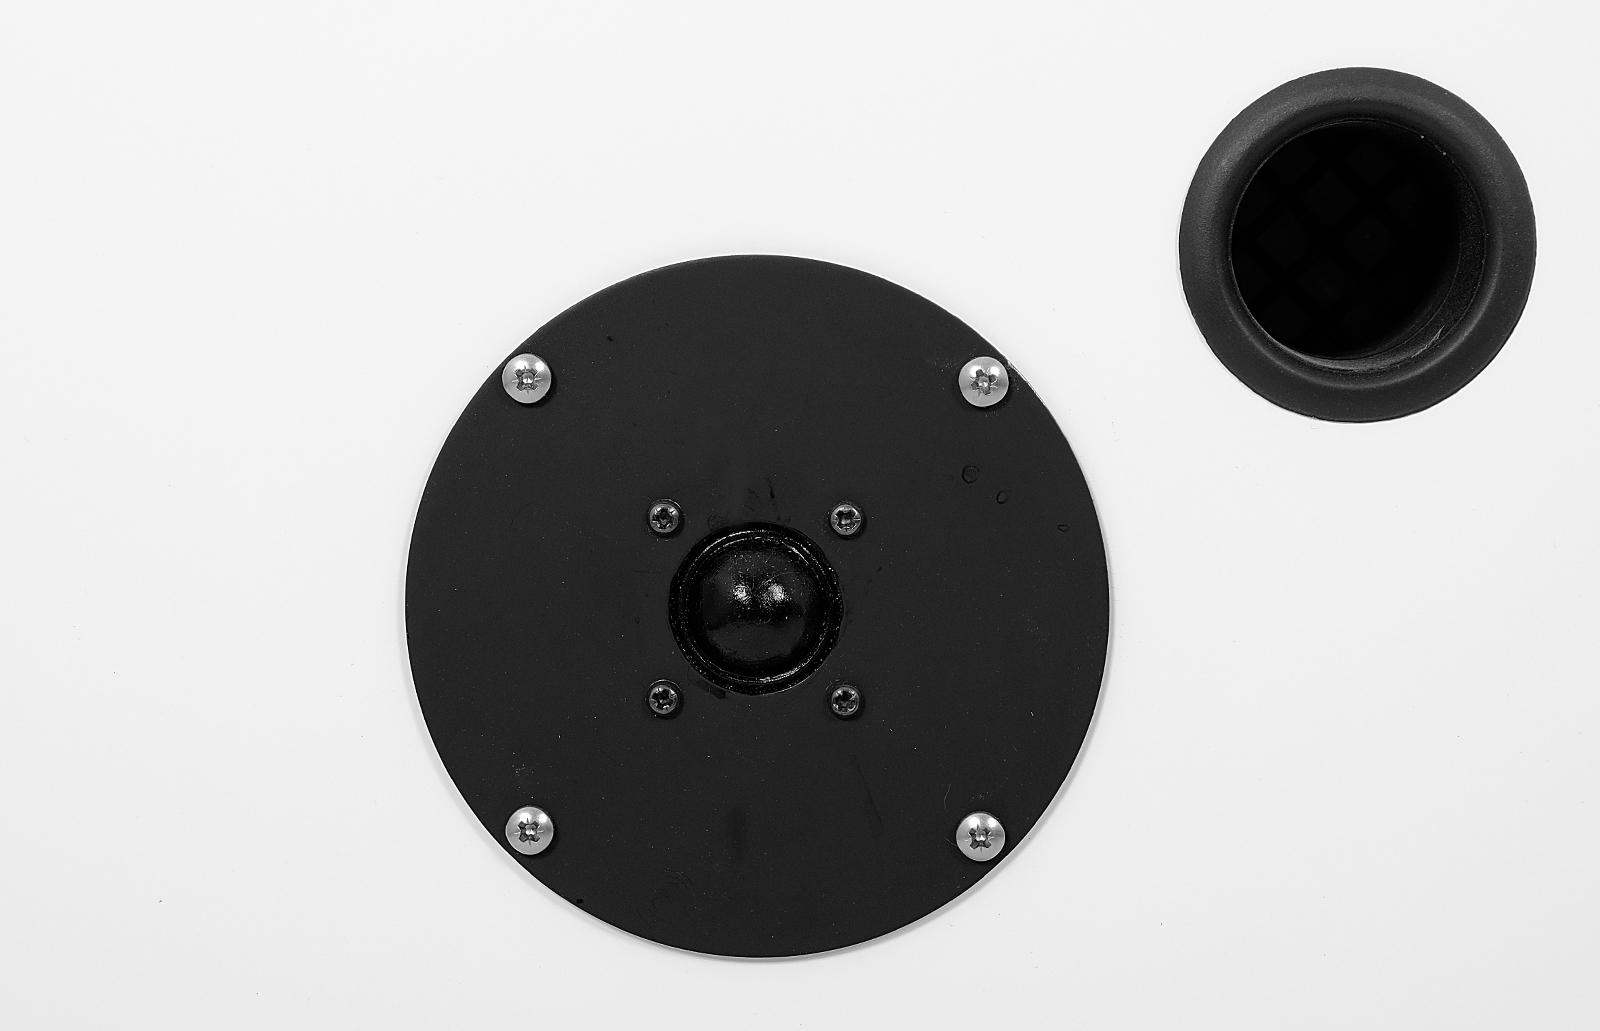 Infinity 1500 speakers